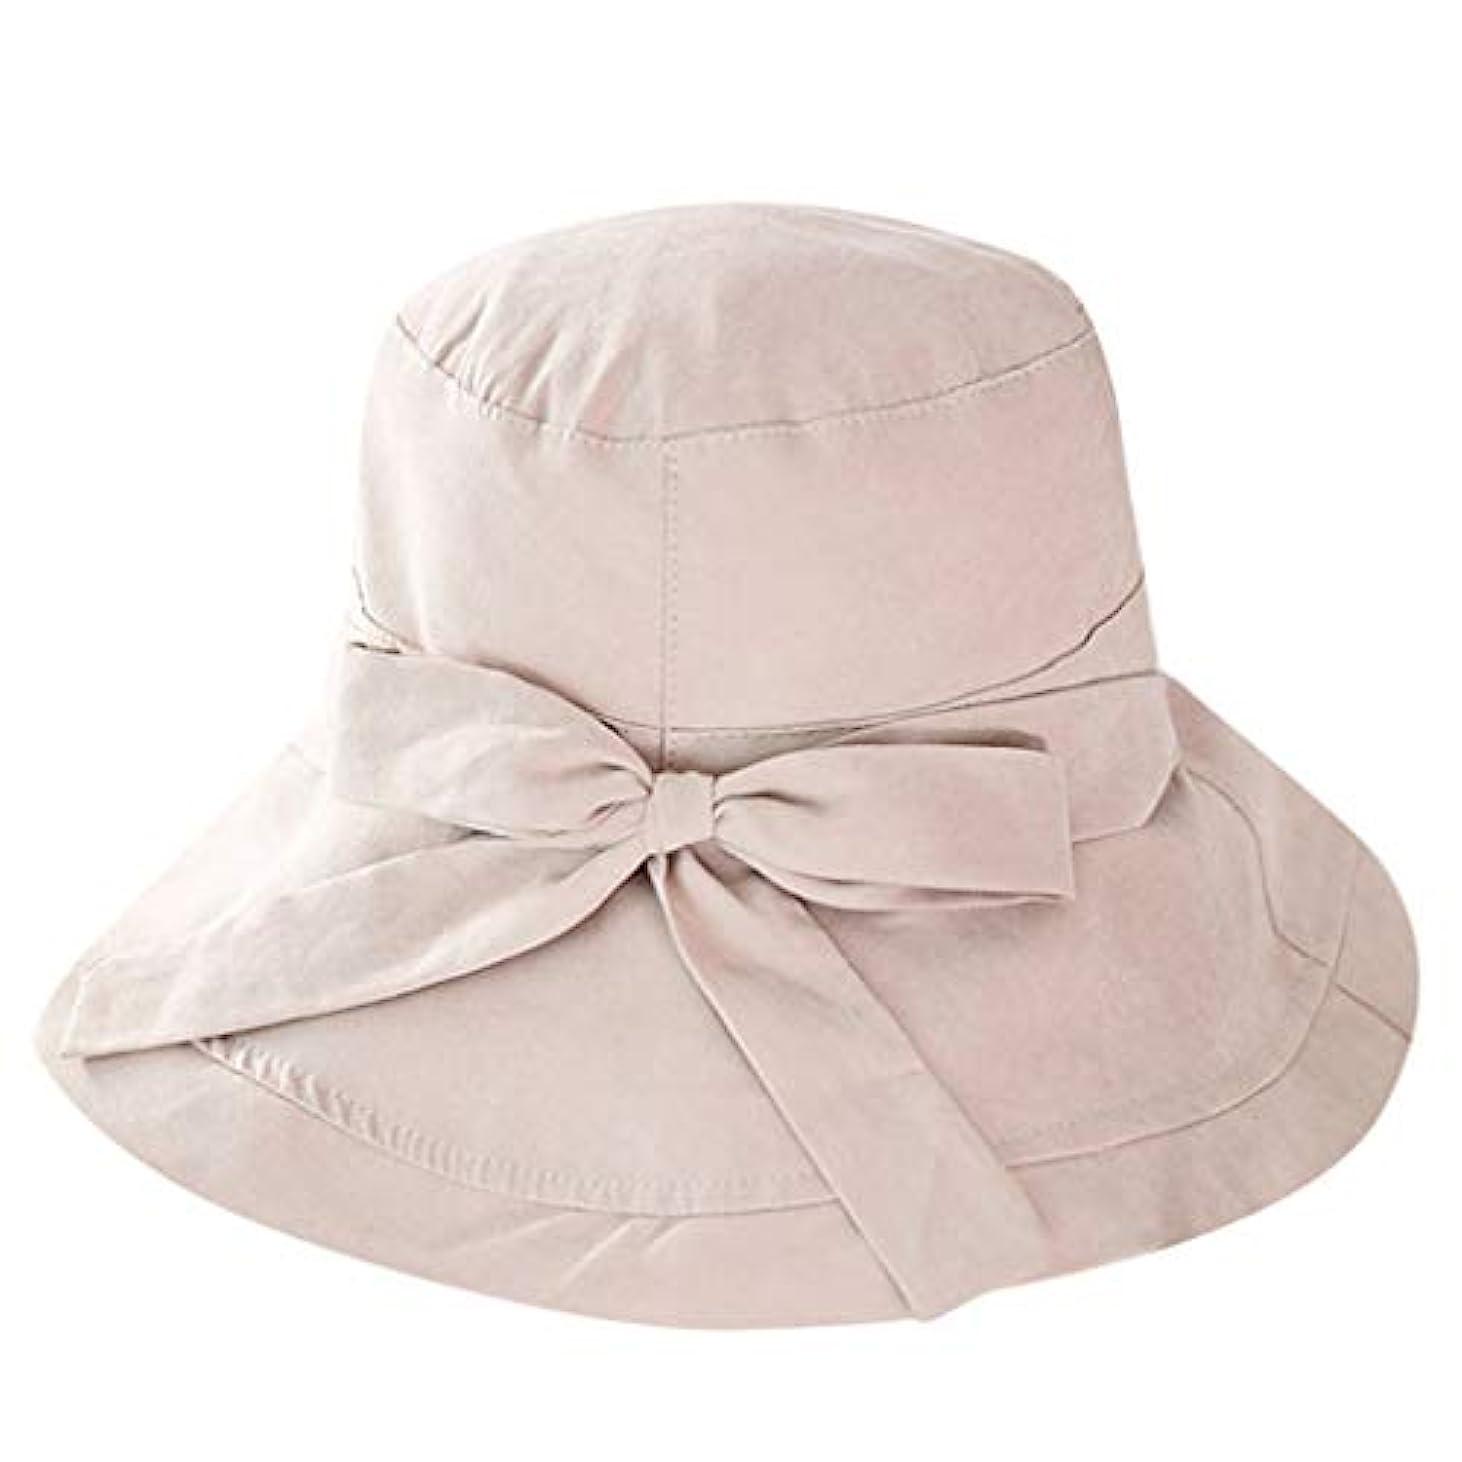 炭素原理断線帽子 レディース 夏 綿 つば広い おしゃれ シンプル カジュアル UVカット 帽子 ハット レディース おしゃれ 可愛い 夏 小顔効果 折りたたみ サイズ調節可 蝶結び 森ガール オールシーズン ROSE ROMAN